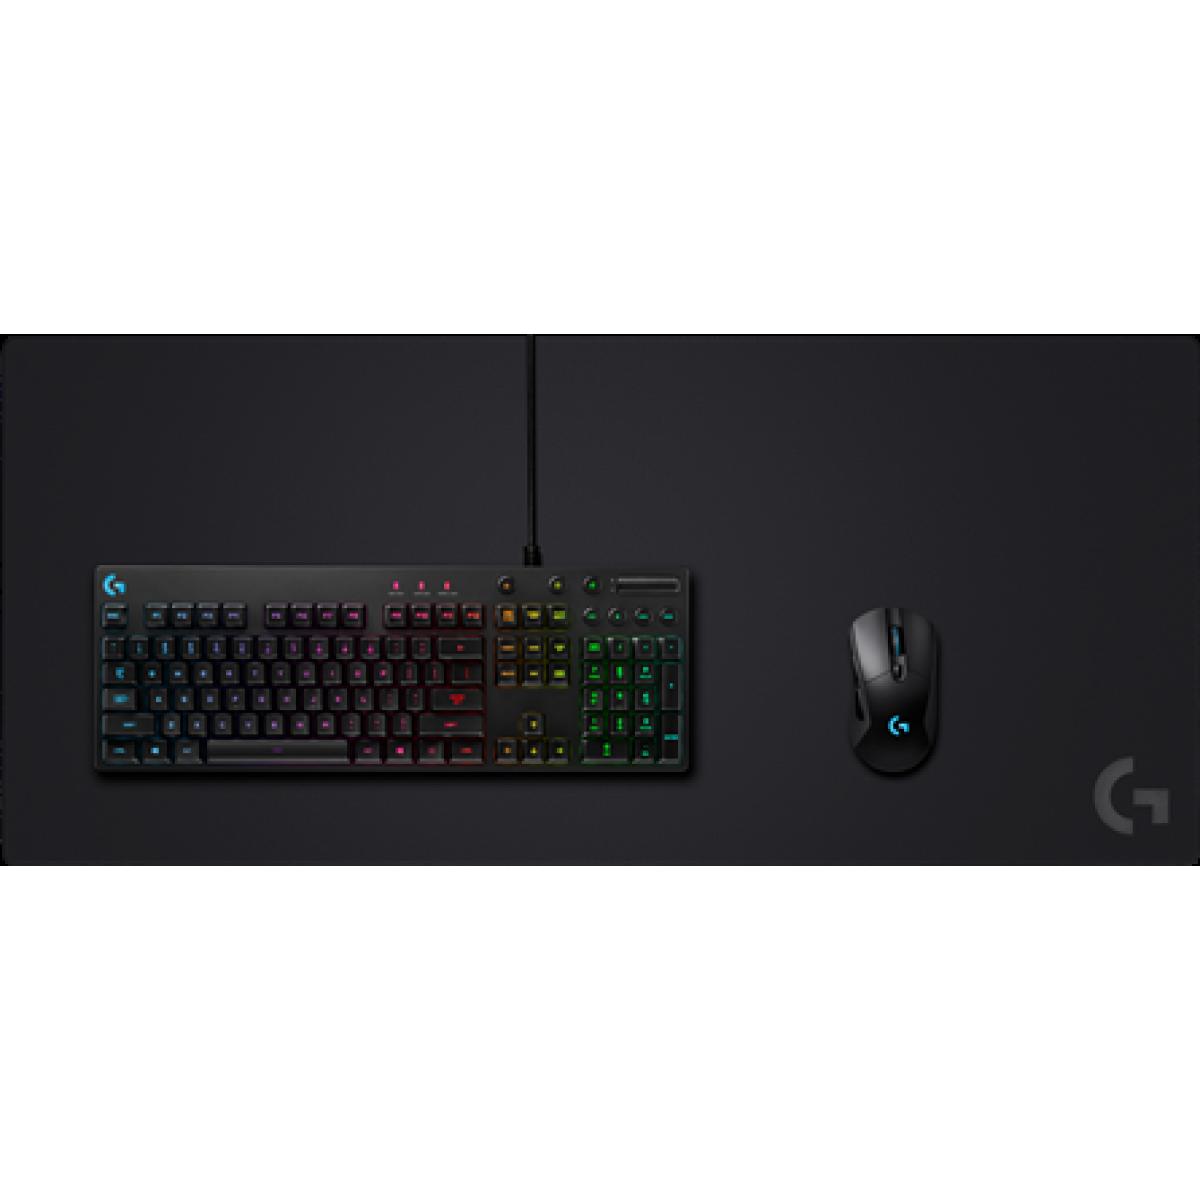 Mousepad Gamer Logitech G840 XL, 943-000117